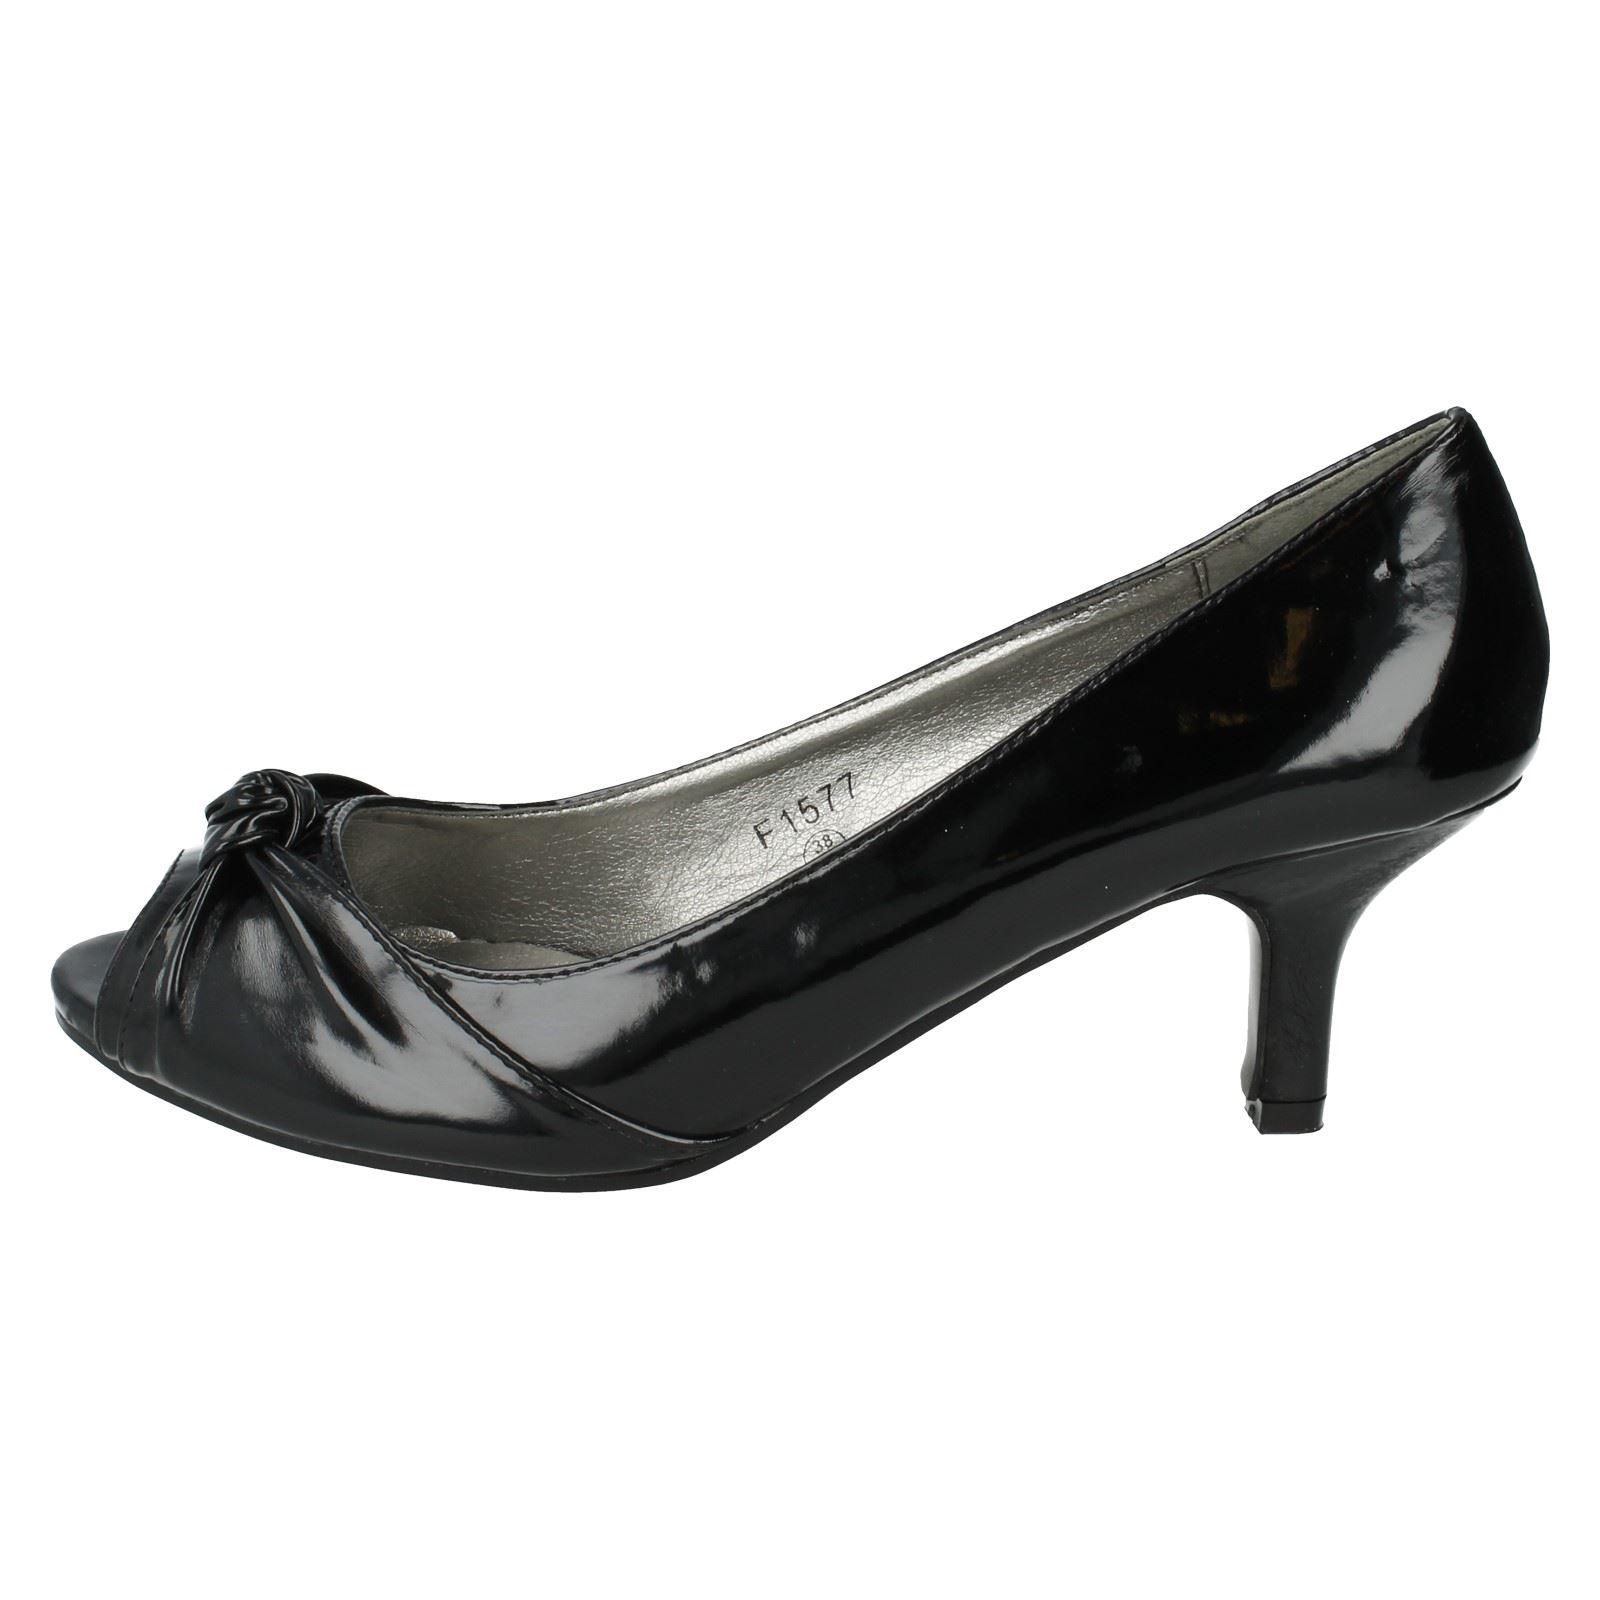 Señoras sppot en Zapatos Tenis f1577